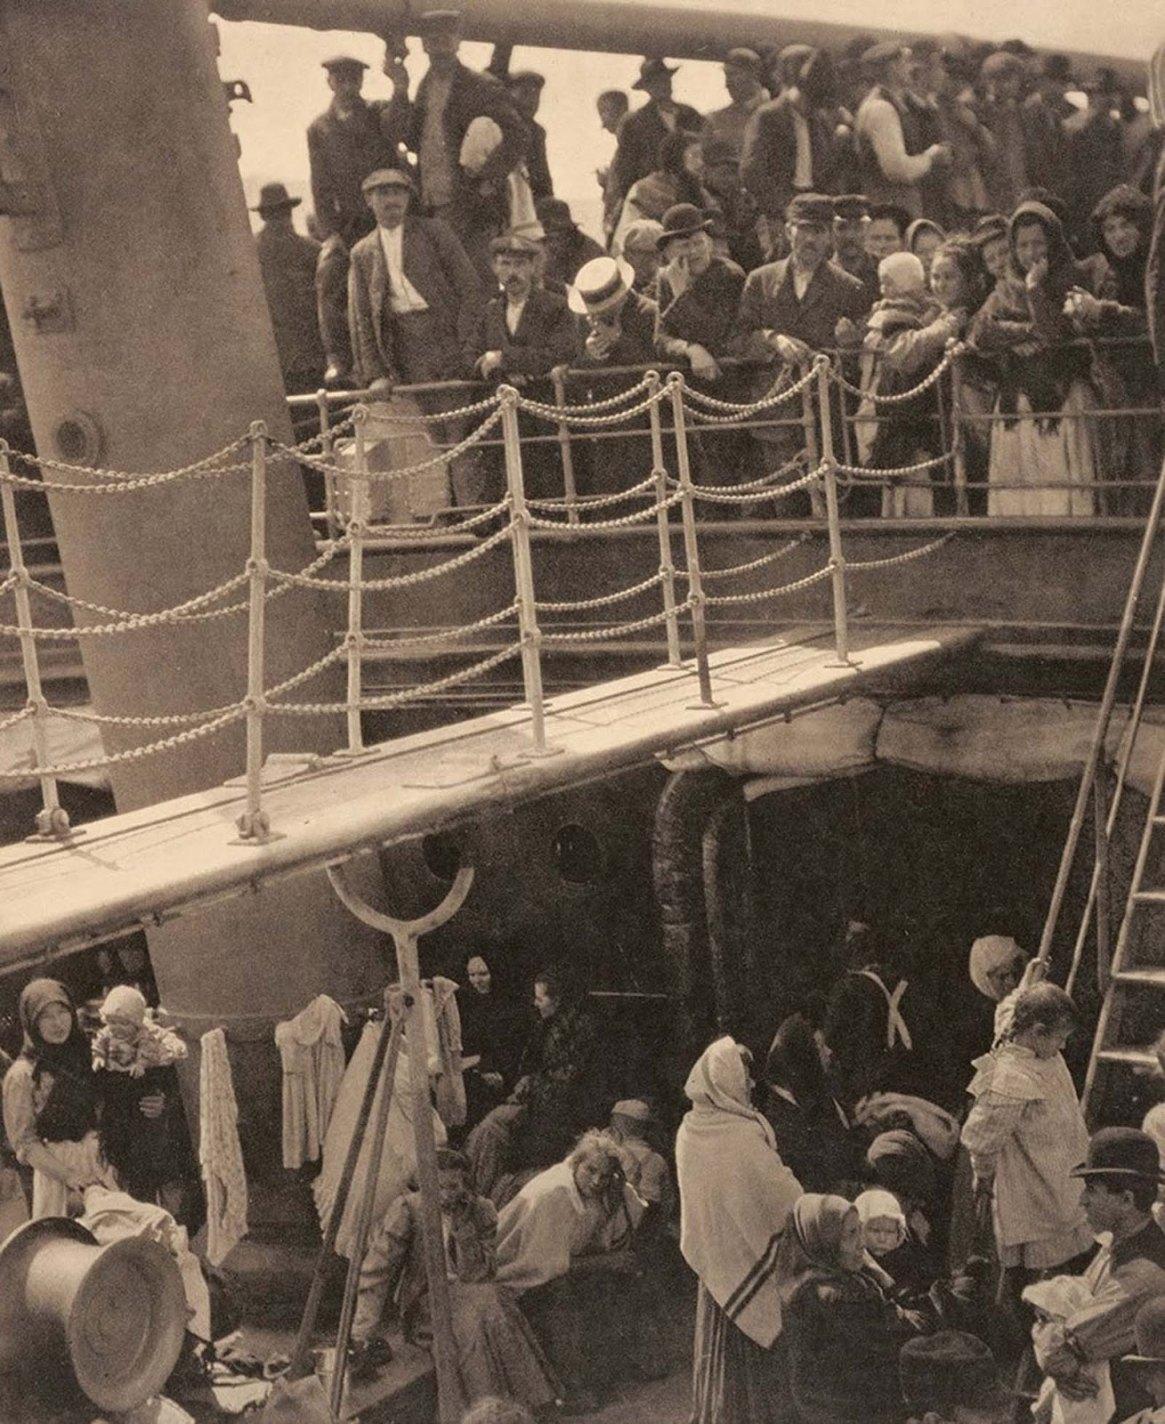 Steerage, Alfred Stieglitz, 1907